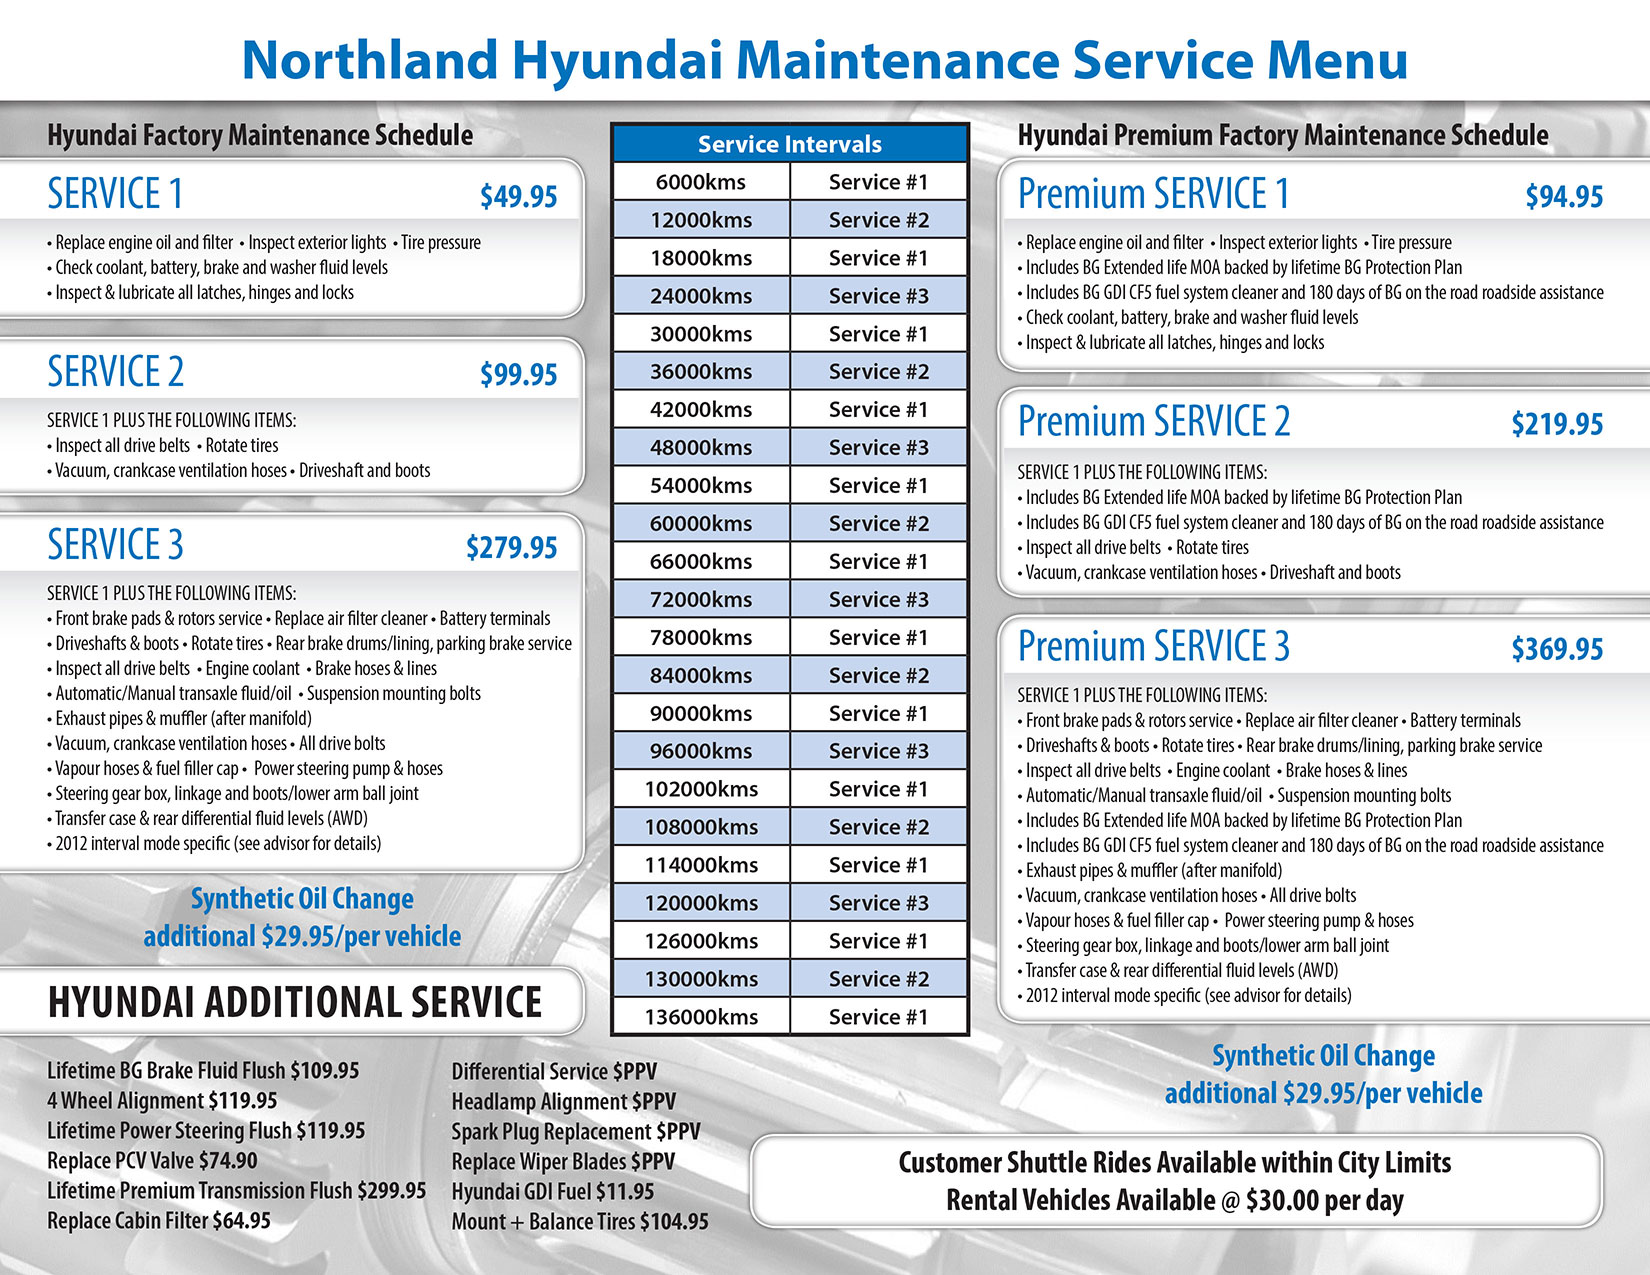 Maintenance Schedules   Northland Hyundai